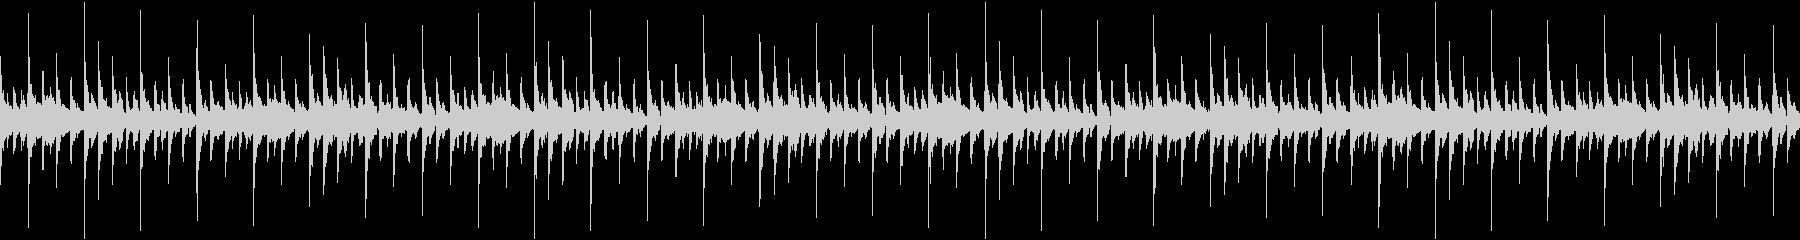 パルスループ2の未再生の波形